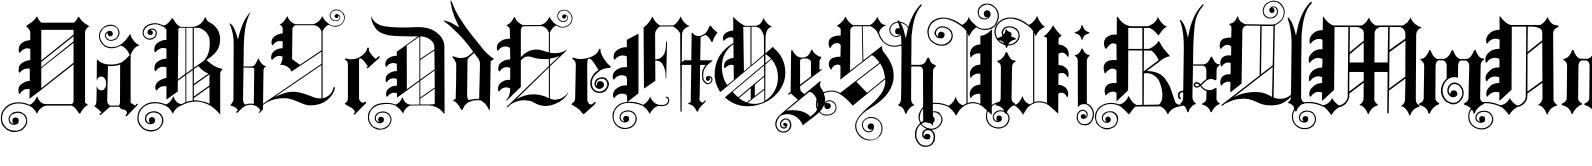 Uthan